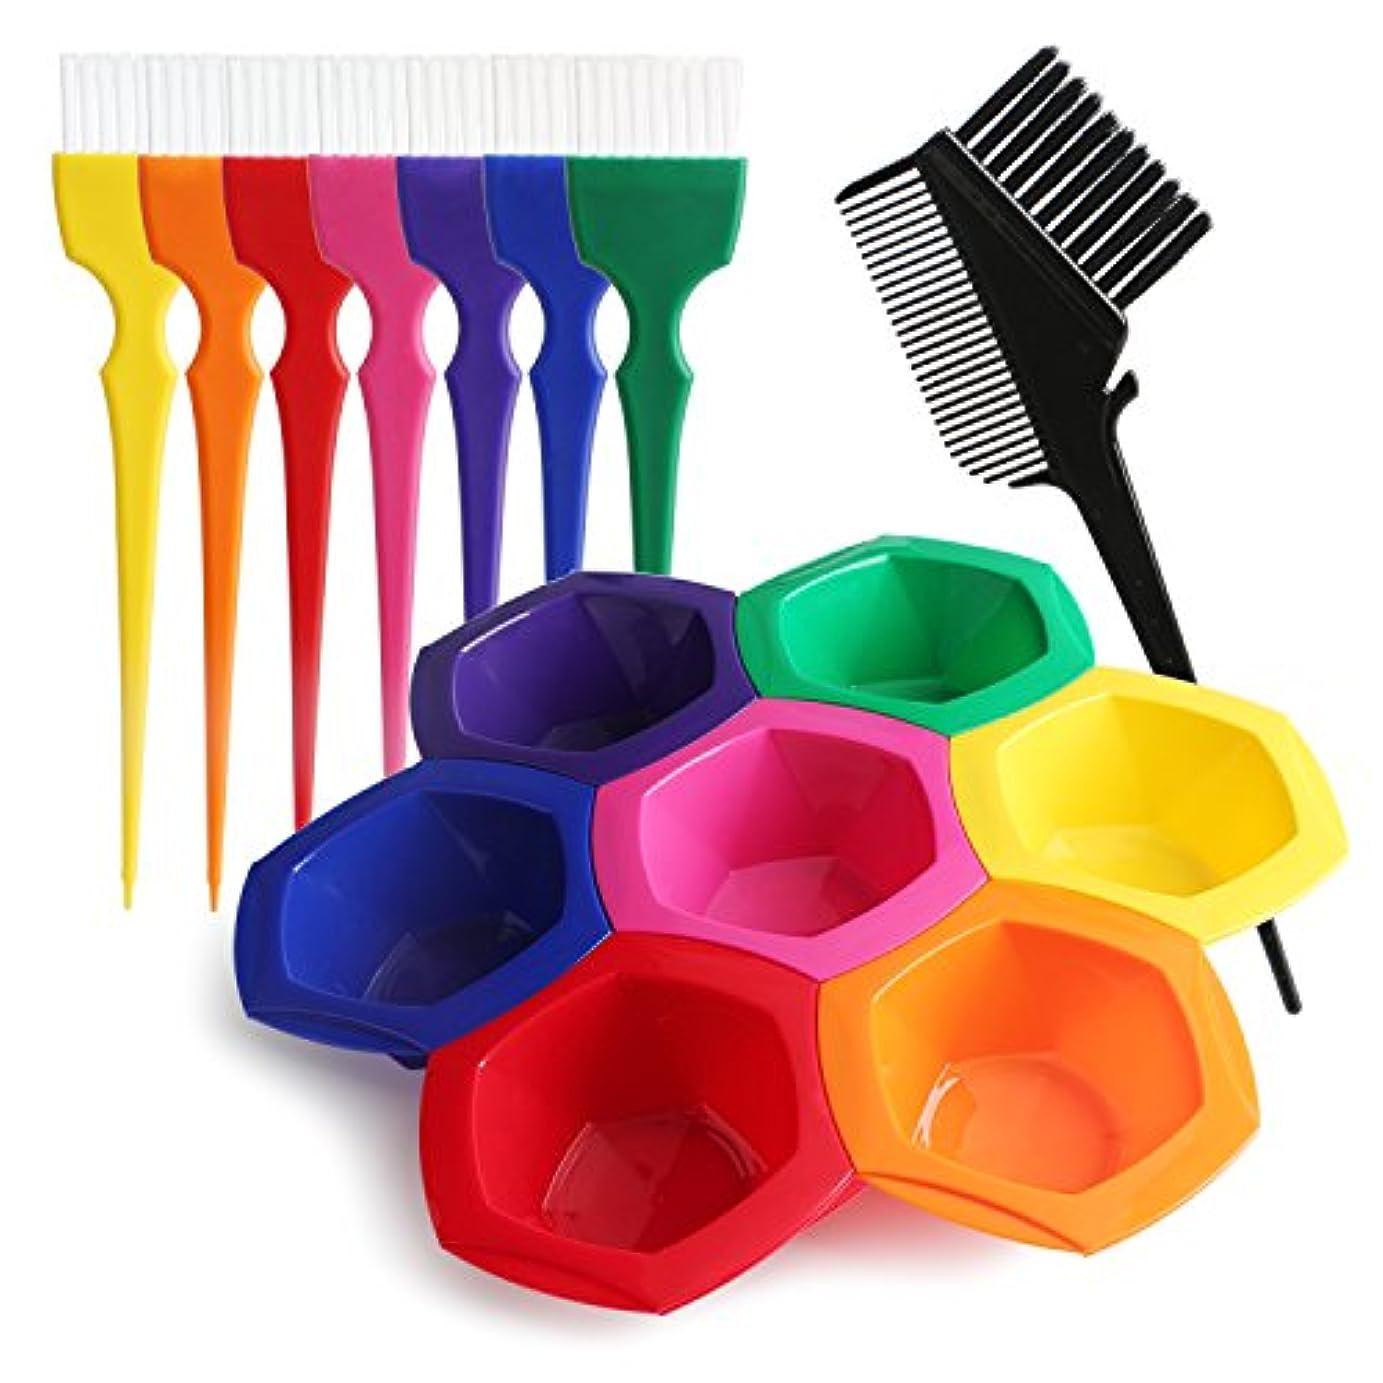 バーターアパート赤外線Segbeauty DIY/プロの髪染めのセット ヘアカラー用工具 彩色なボウルとブラシのセット 彩色な髪 美髪用